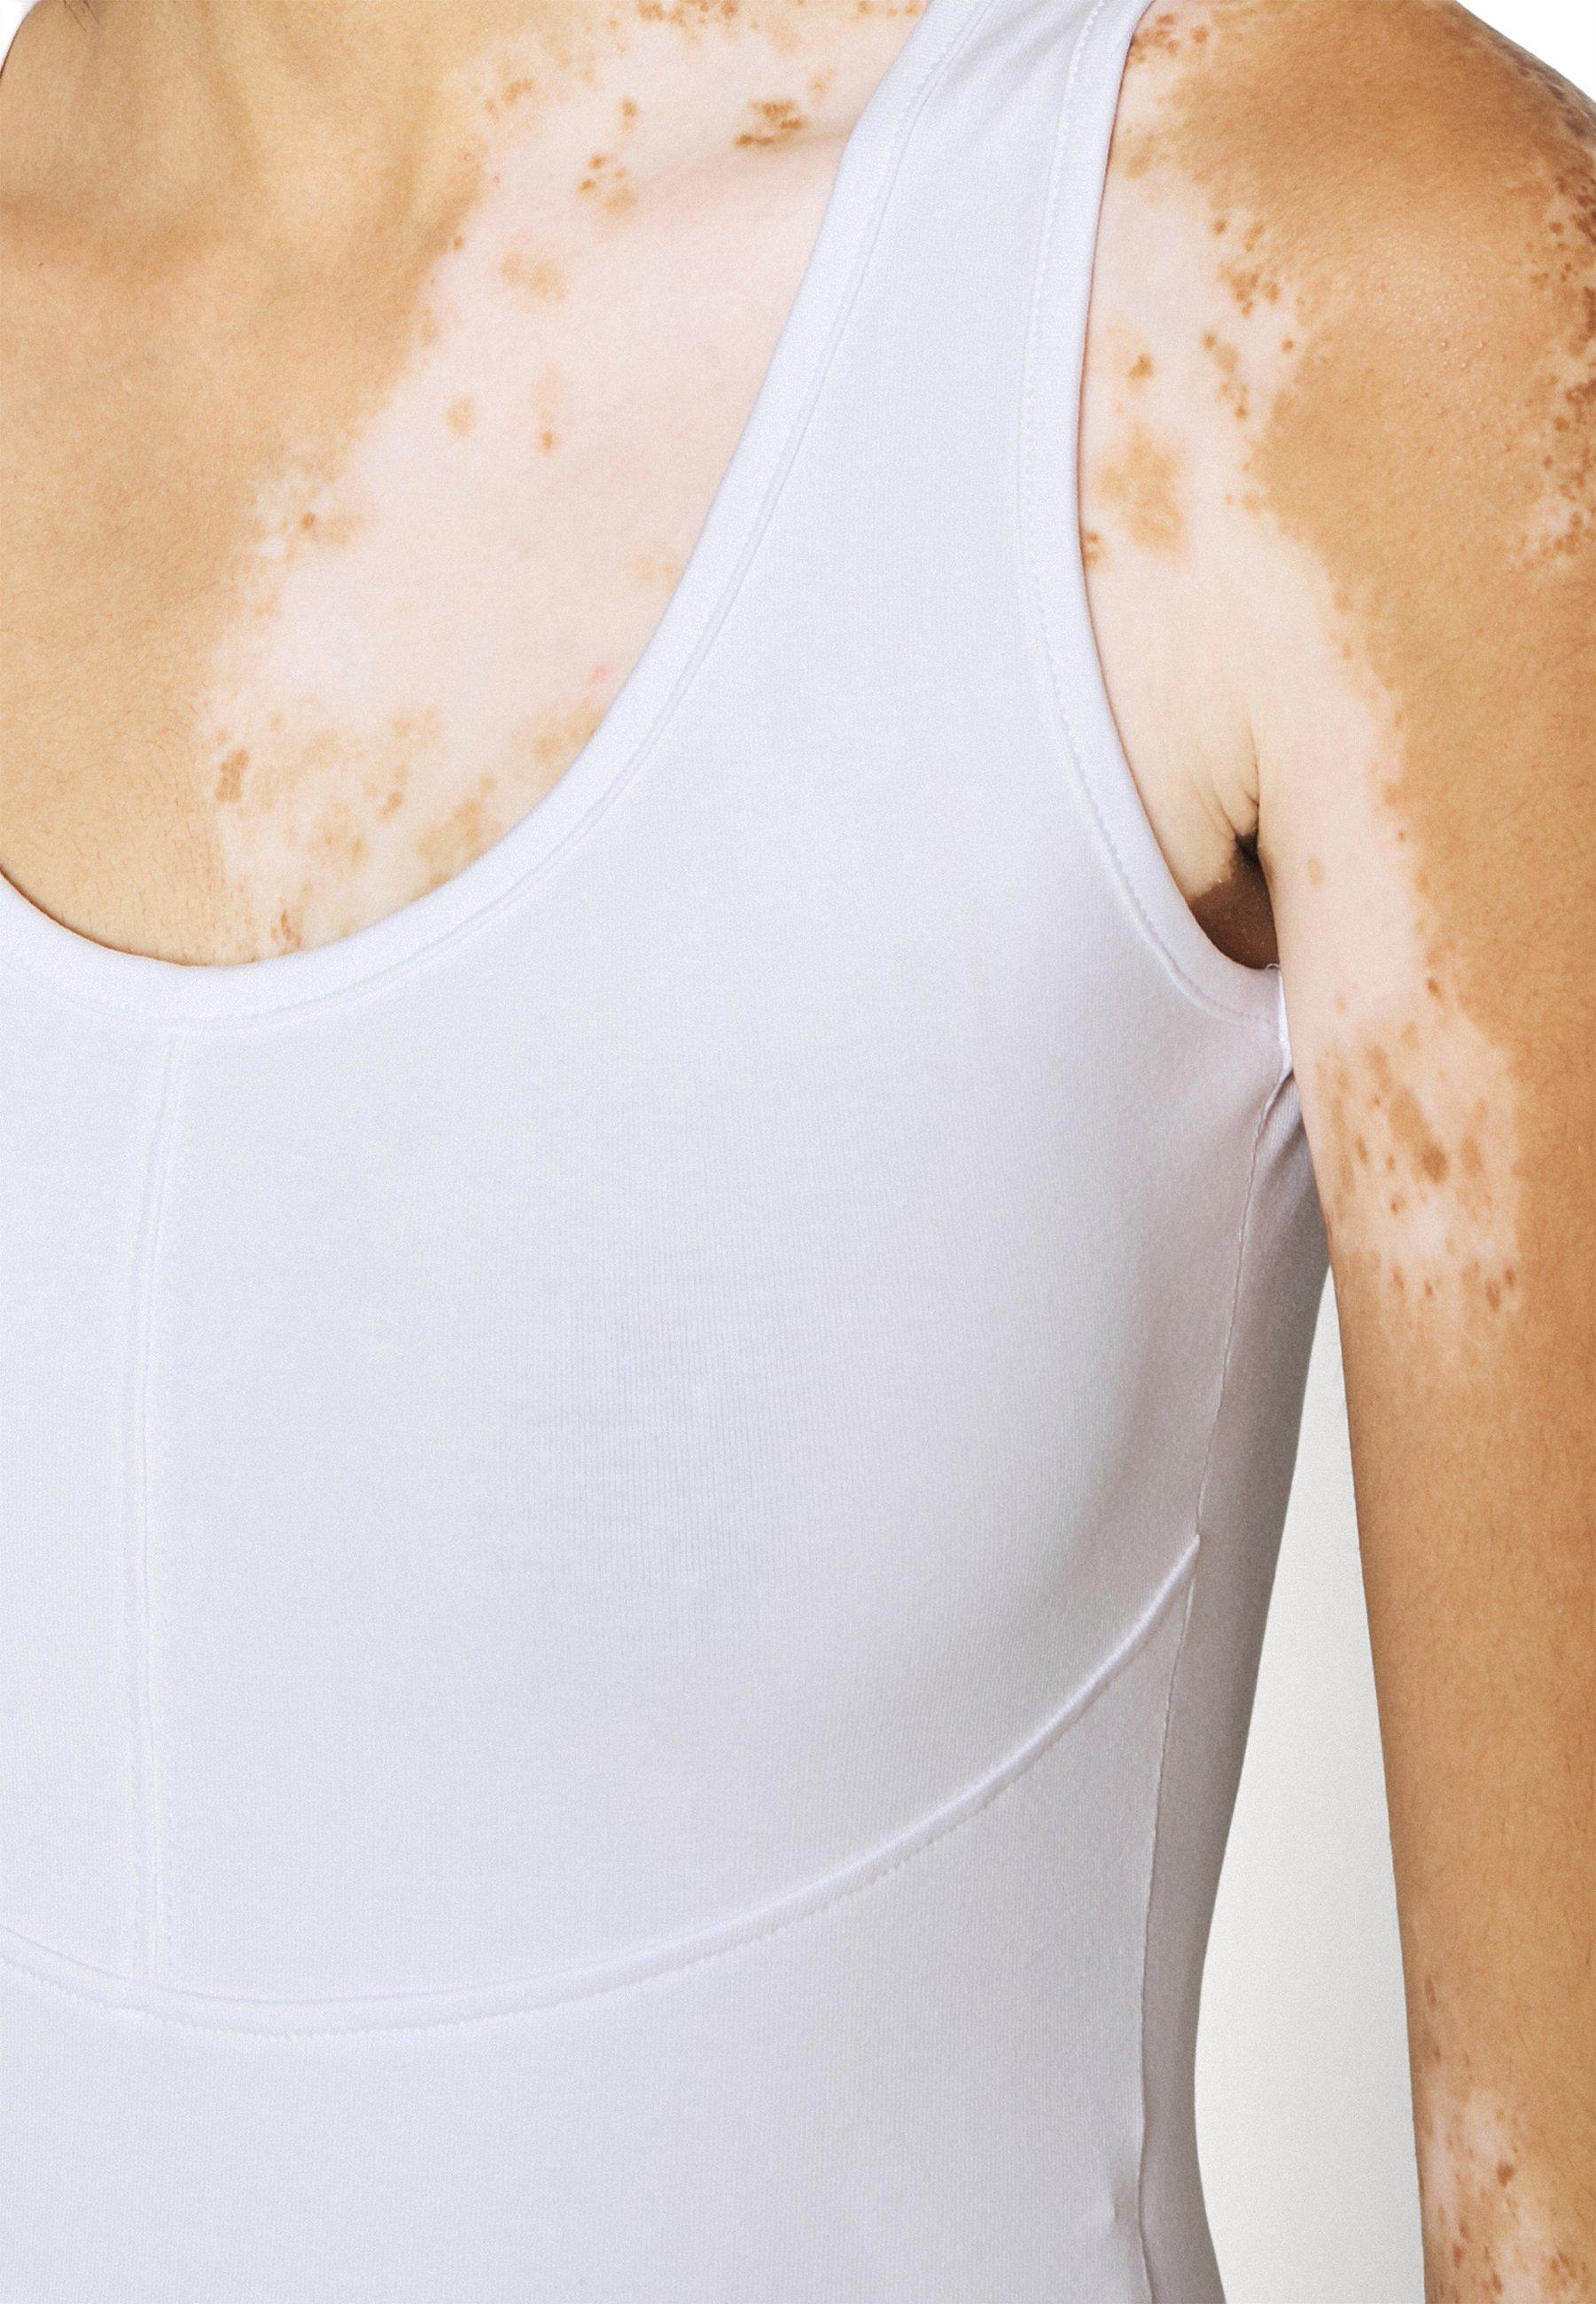 Women ASSETS SCULPTED SEAM BODYSUIT - Top